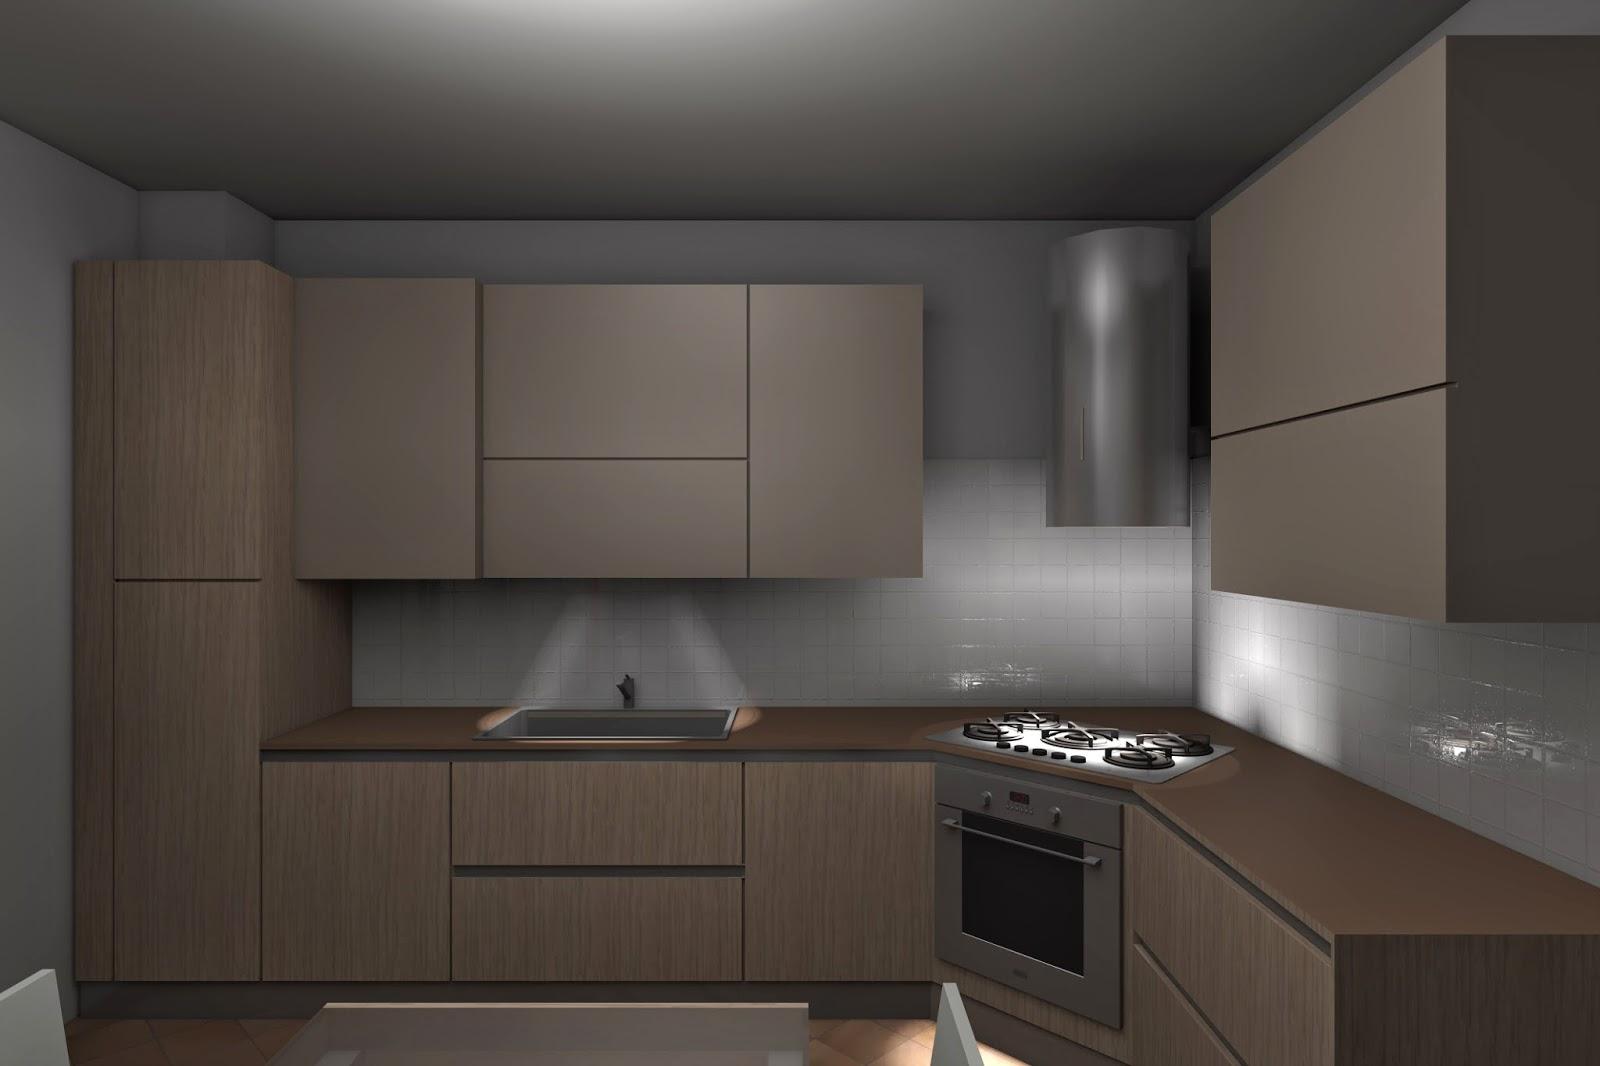 Cucina moderna angolare - Progetto cucina angolare ...